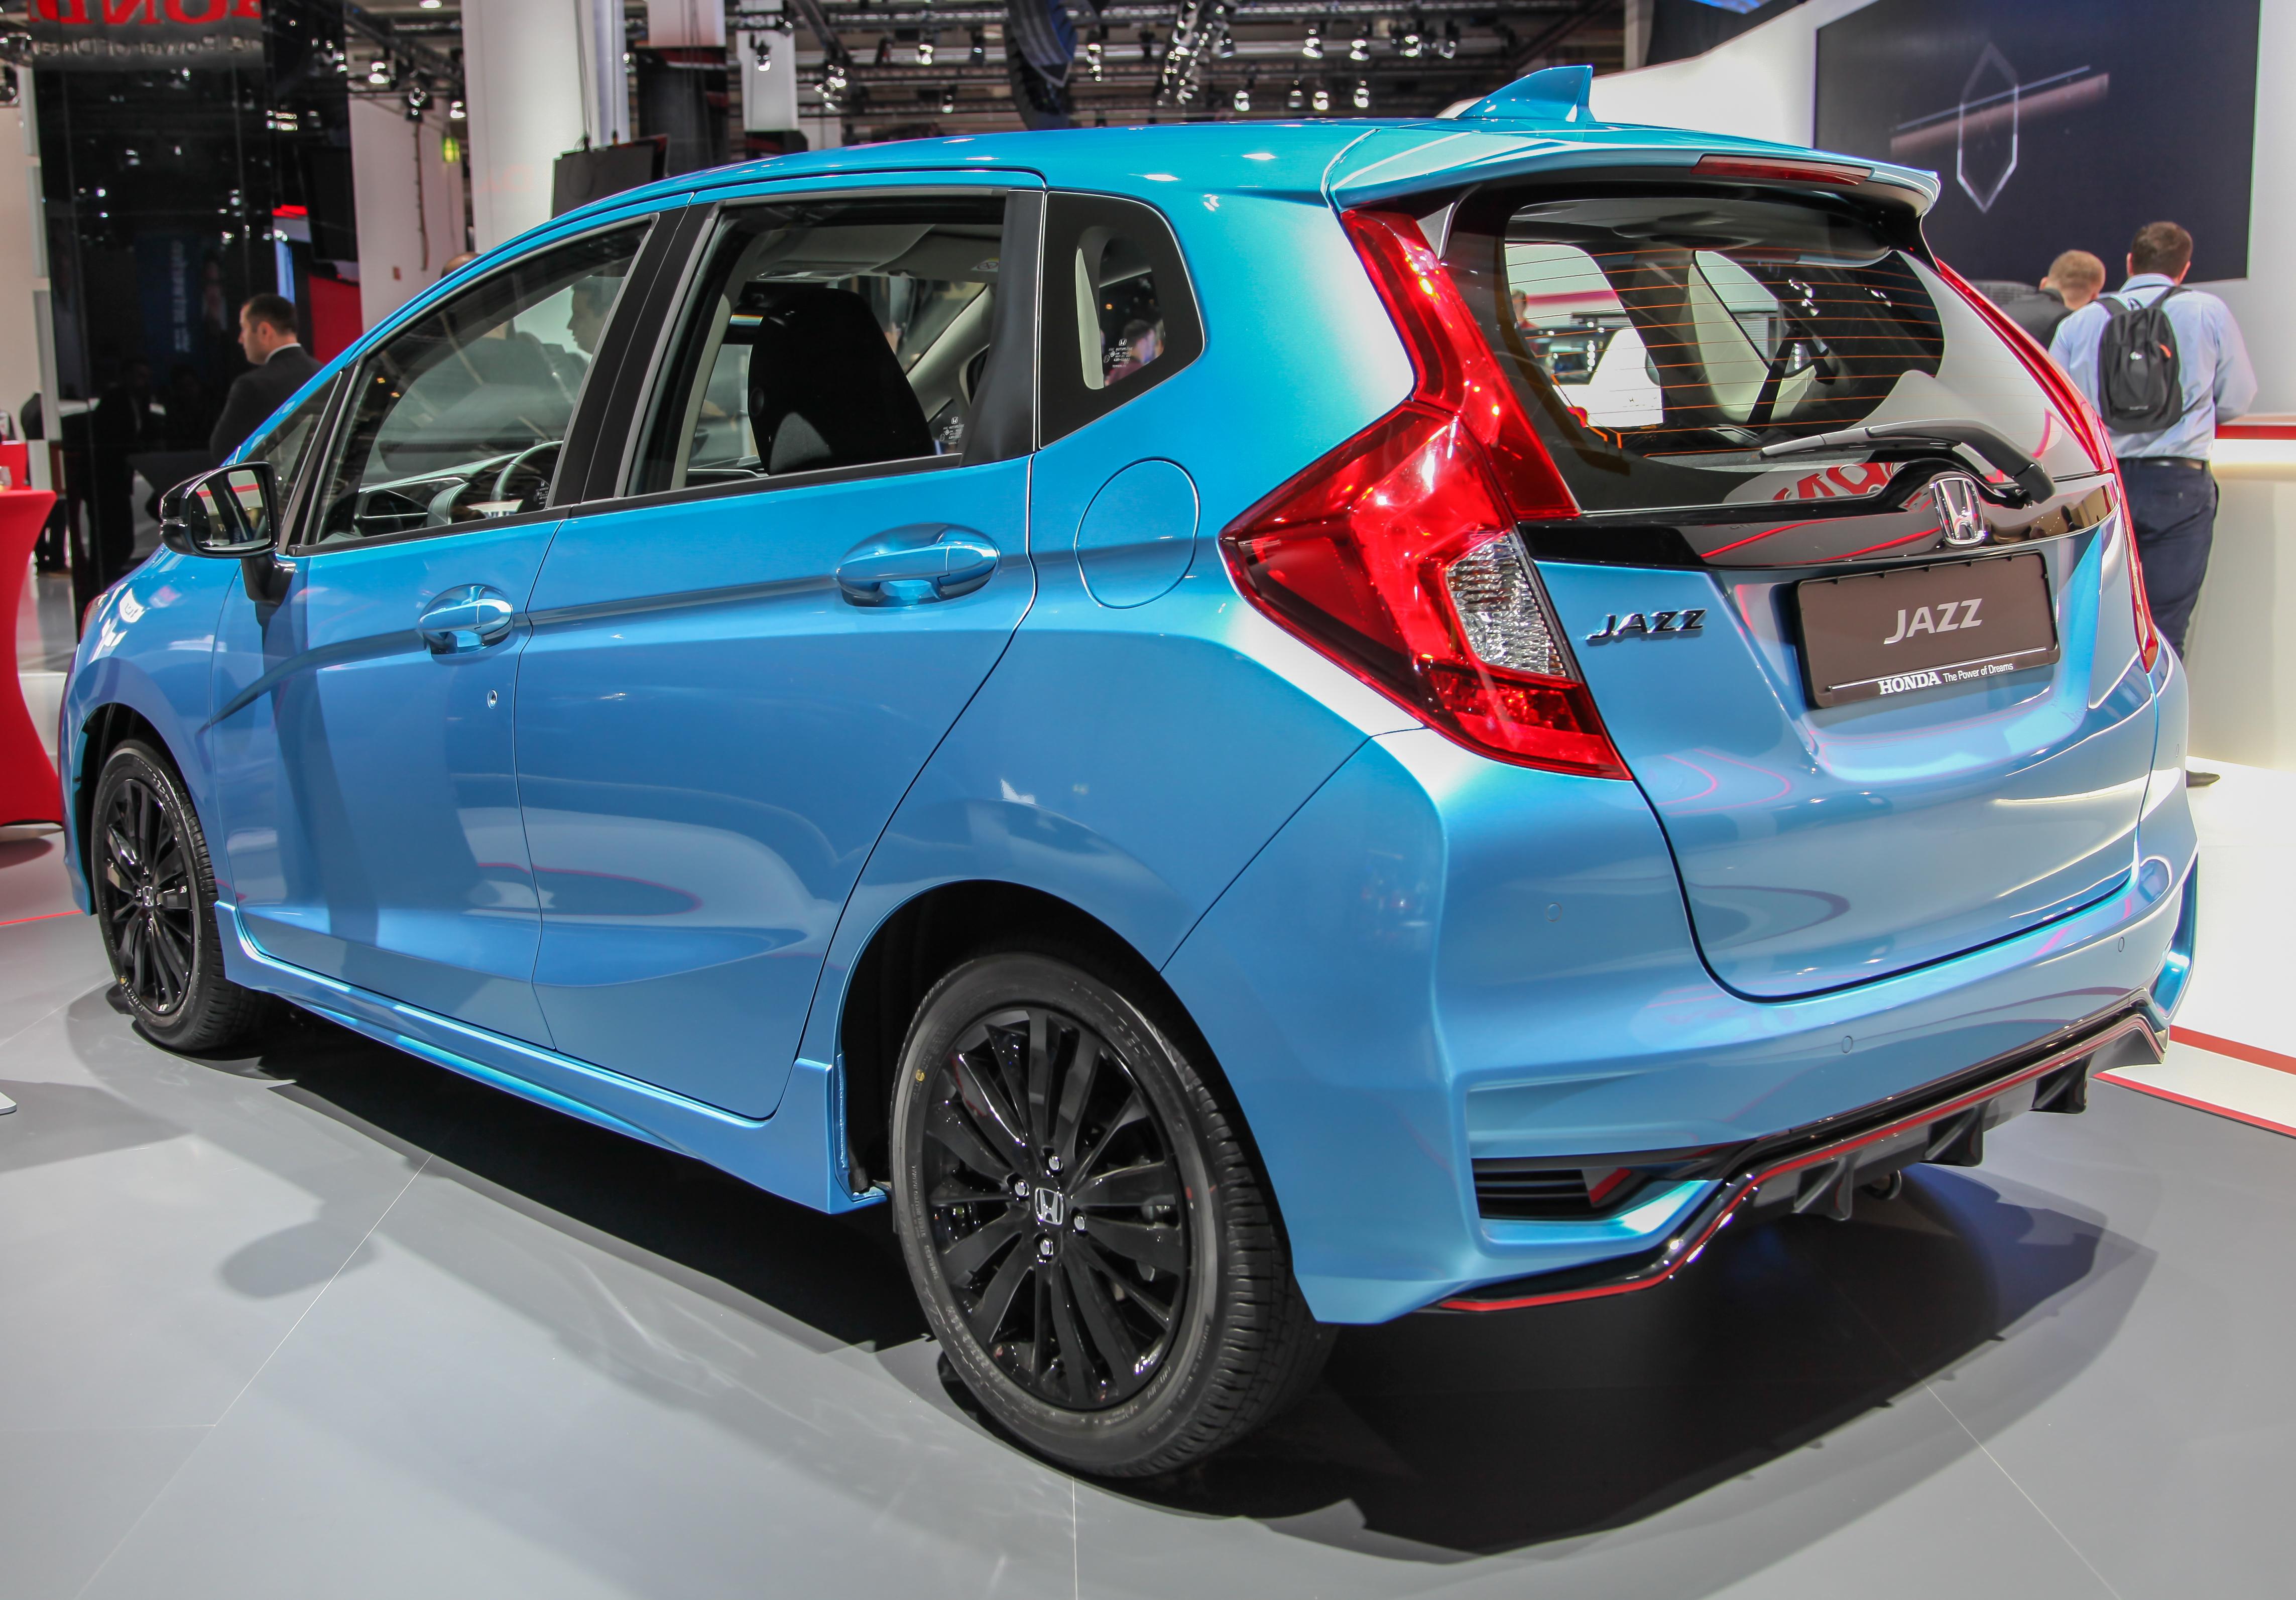 File:Honda Jazz, Facelift, Back IMG 0311.jpg